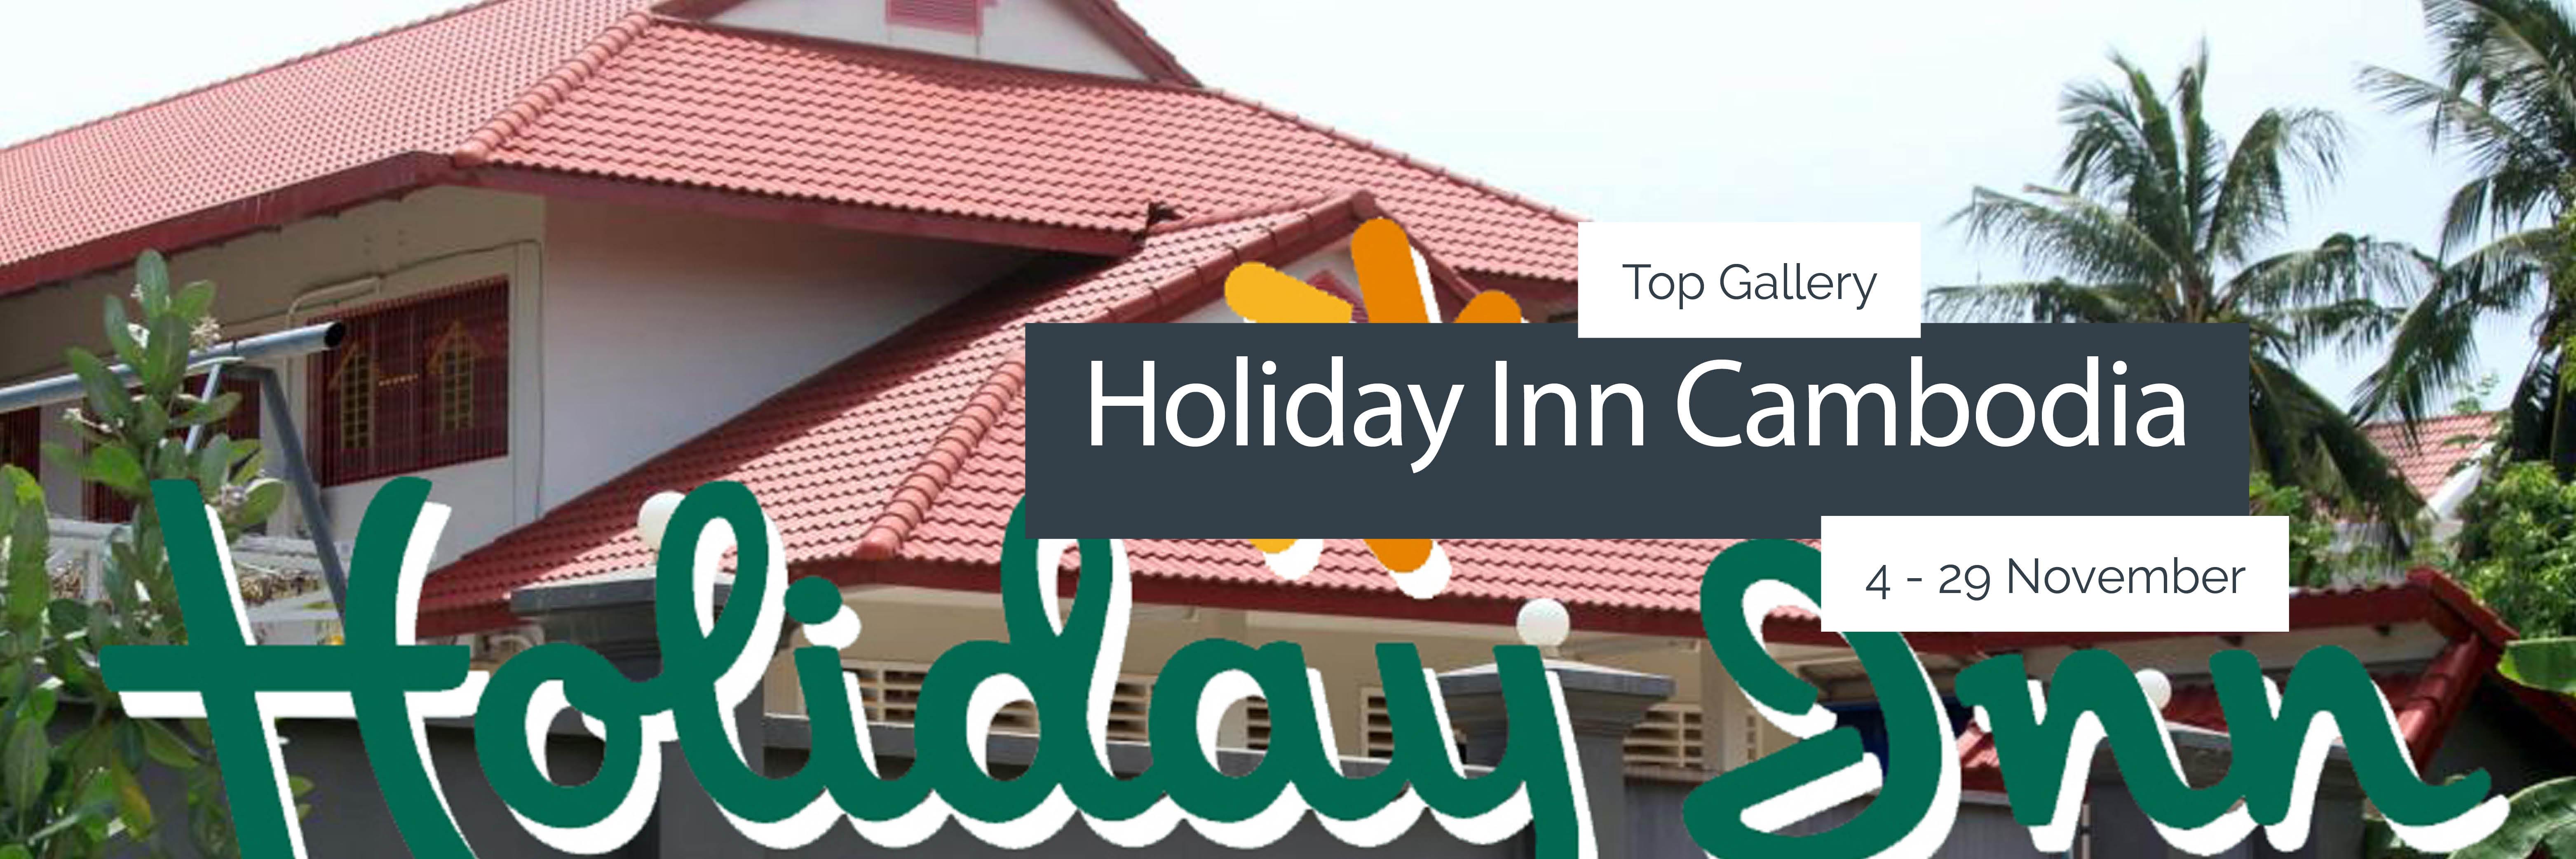 Holiday-Inn-slider-ad